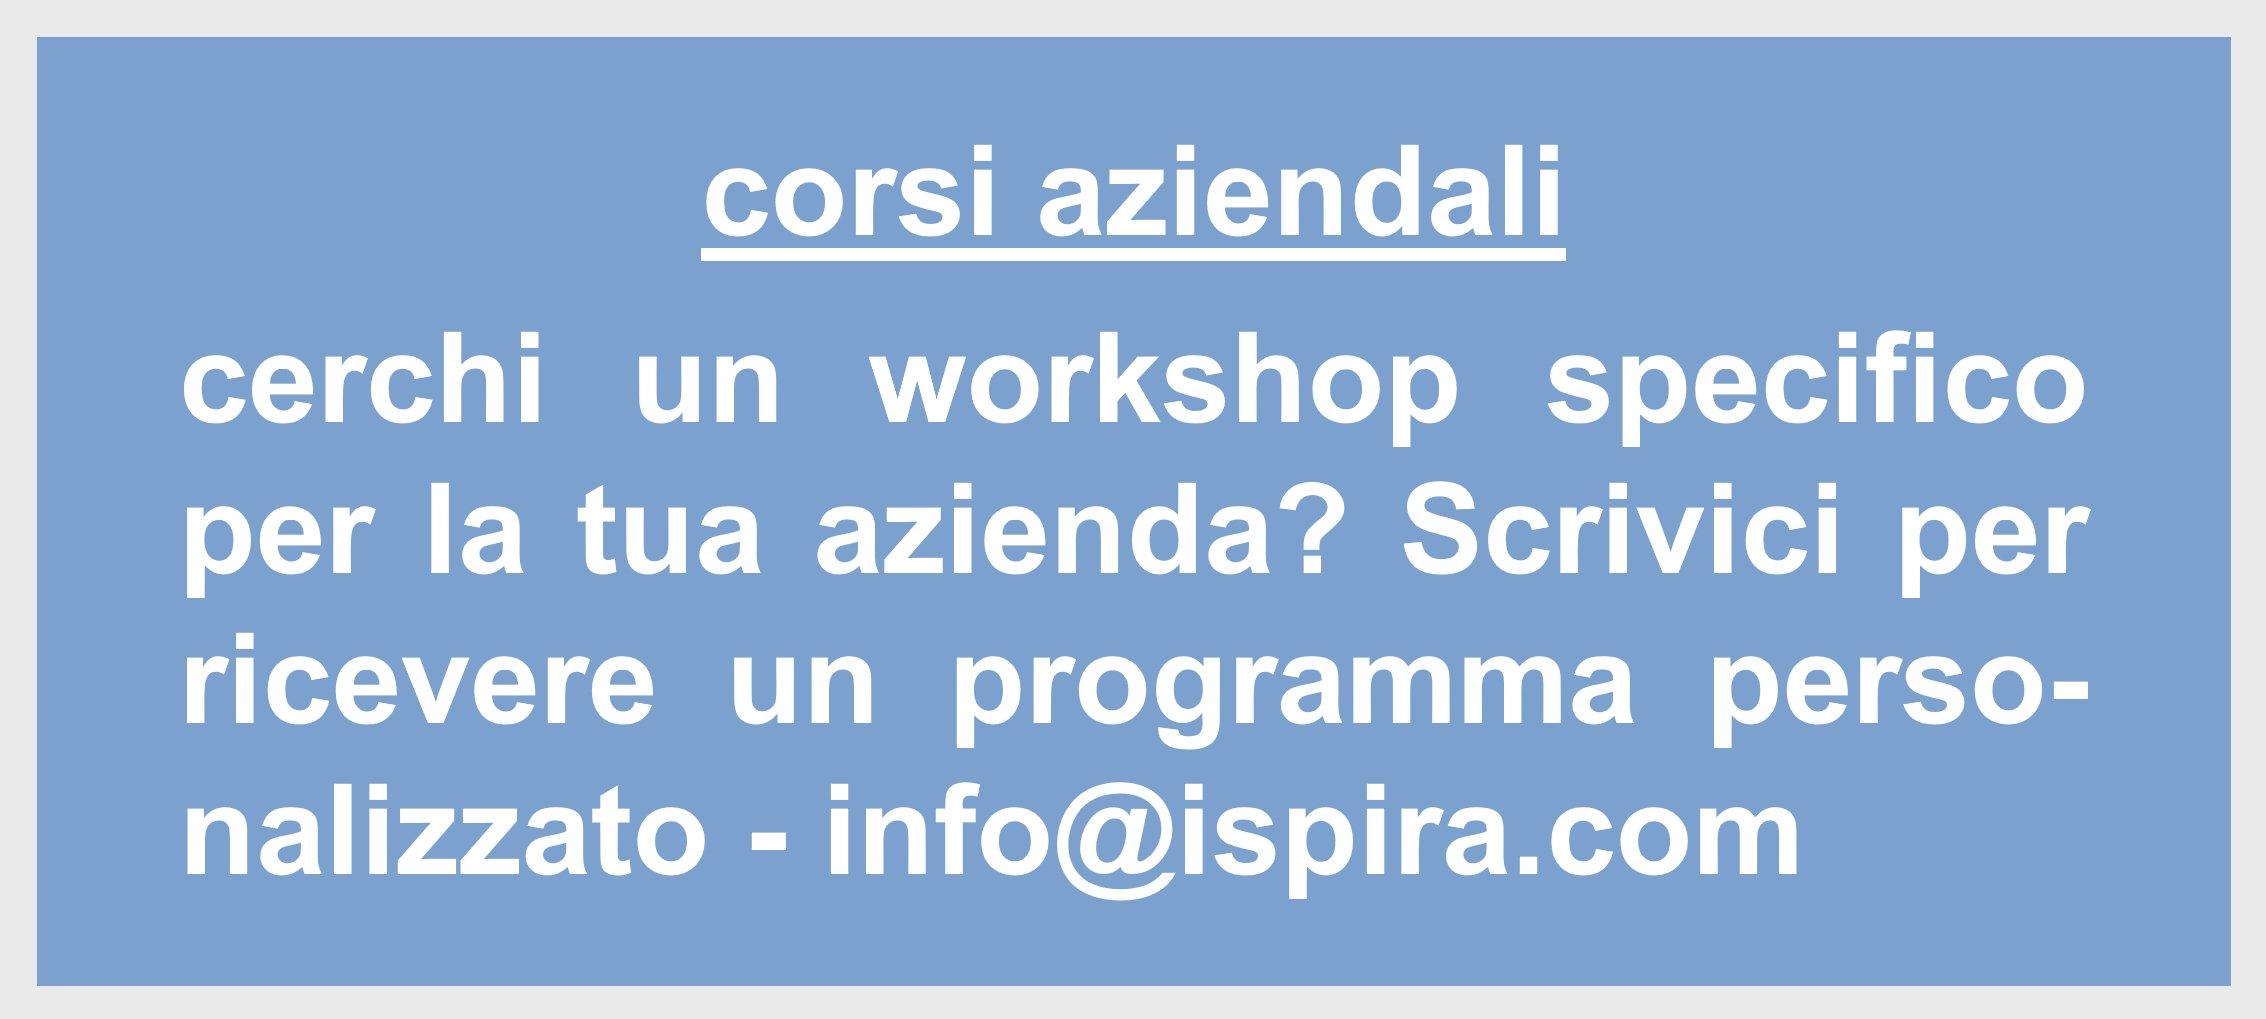 Corsi aziendali personalizzati - Ispira Ltd